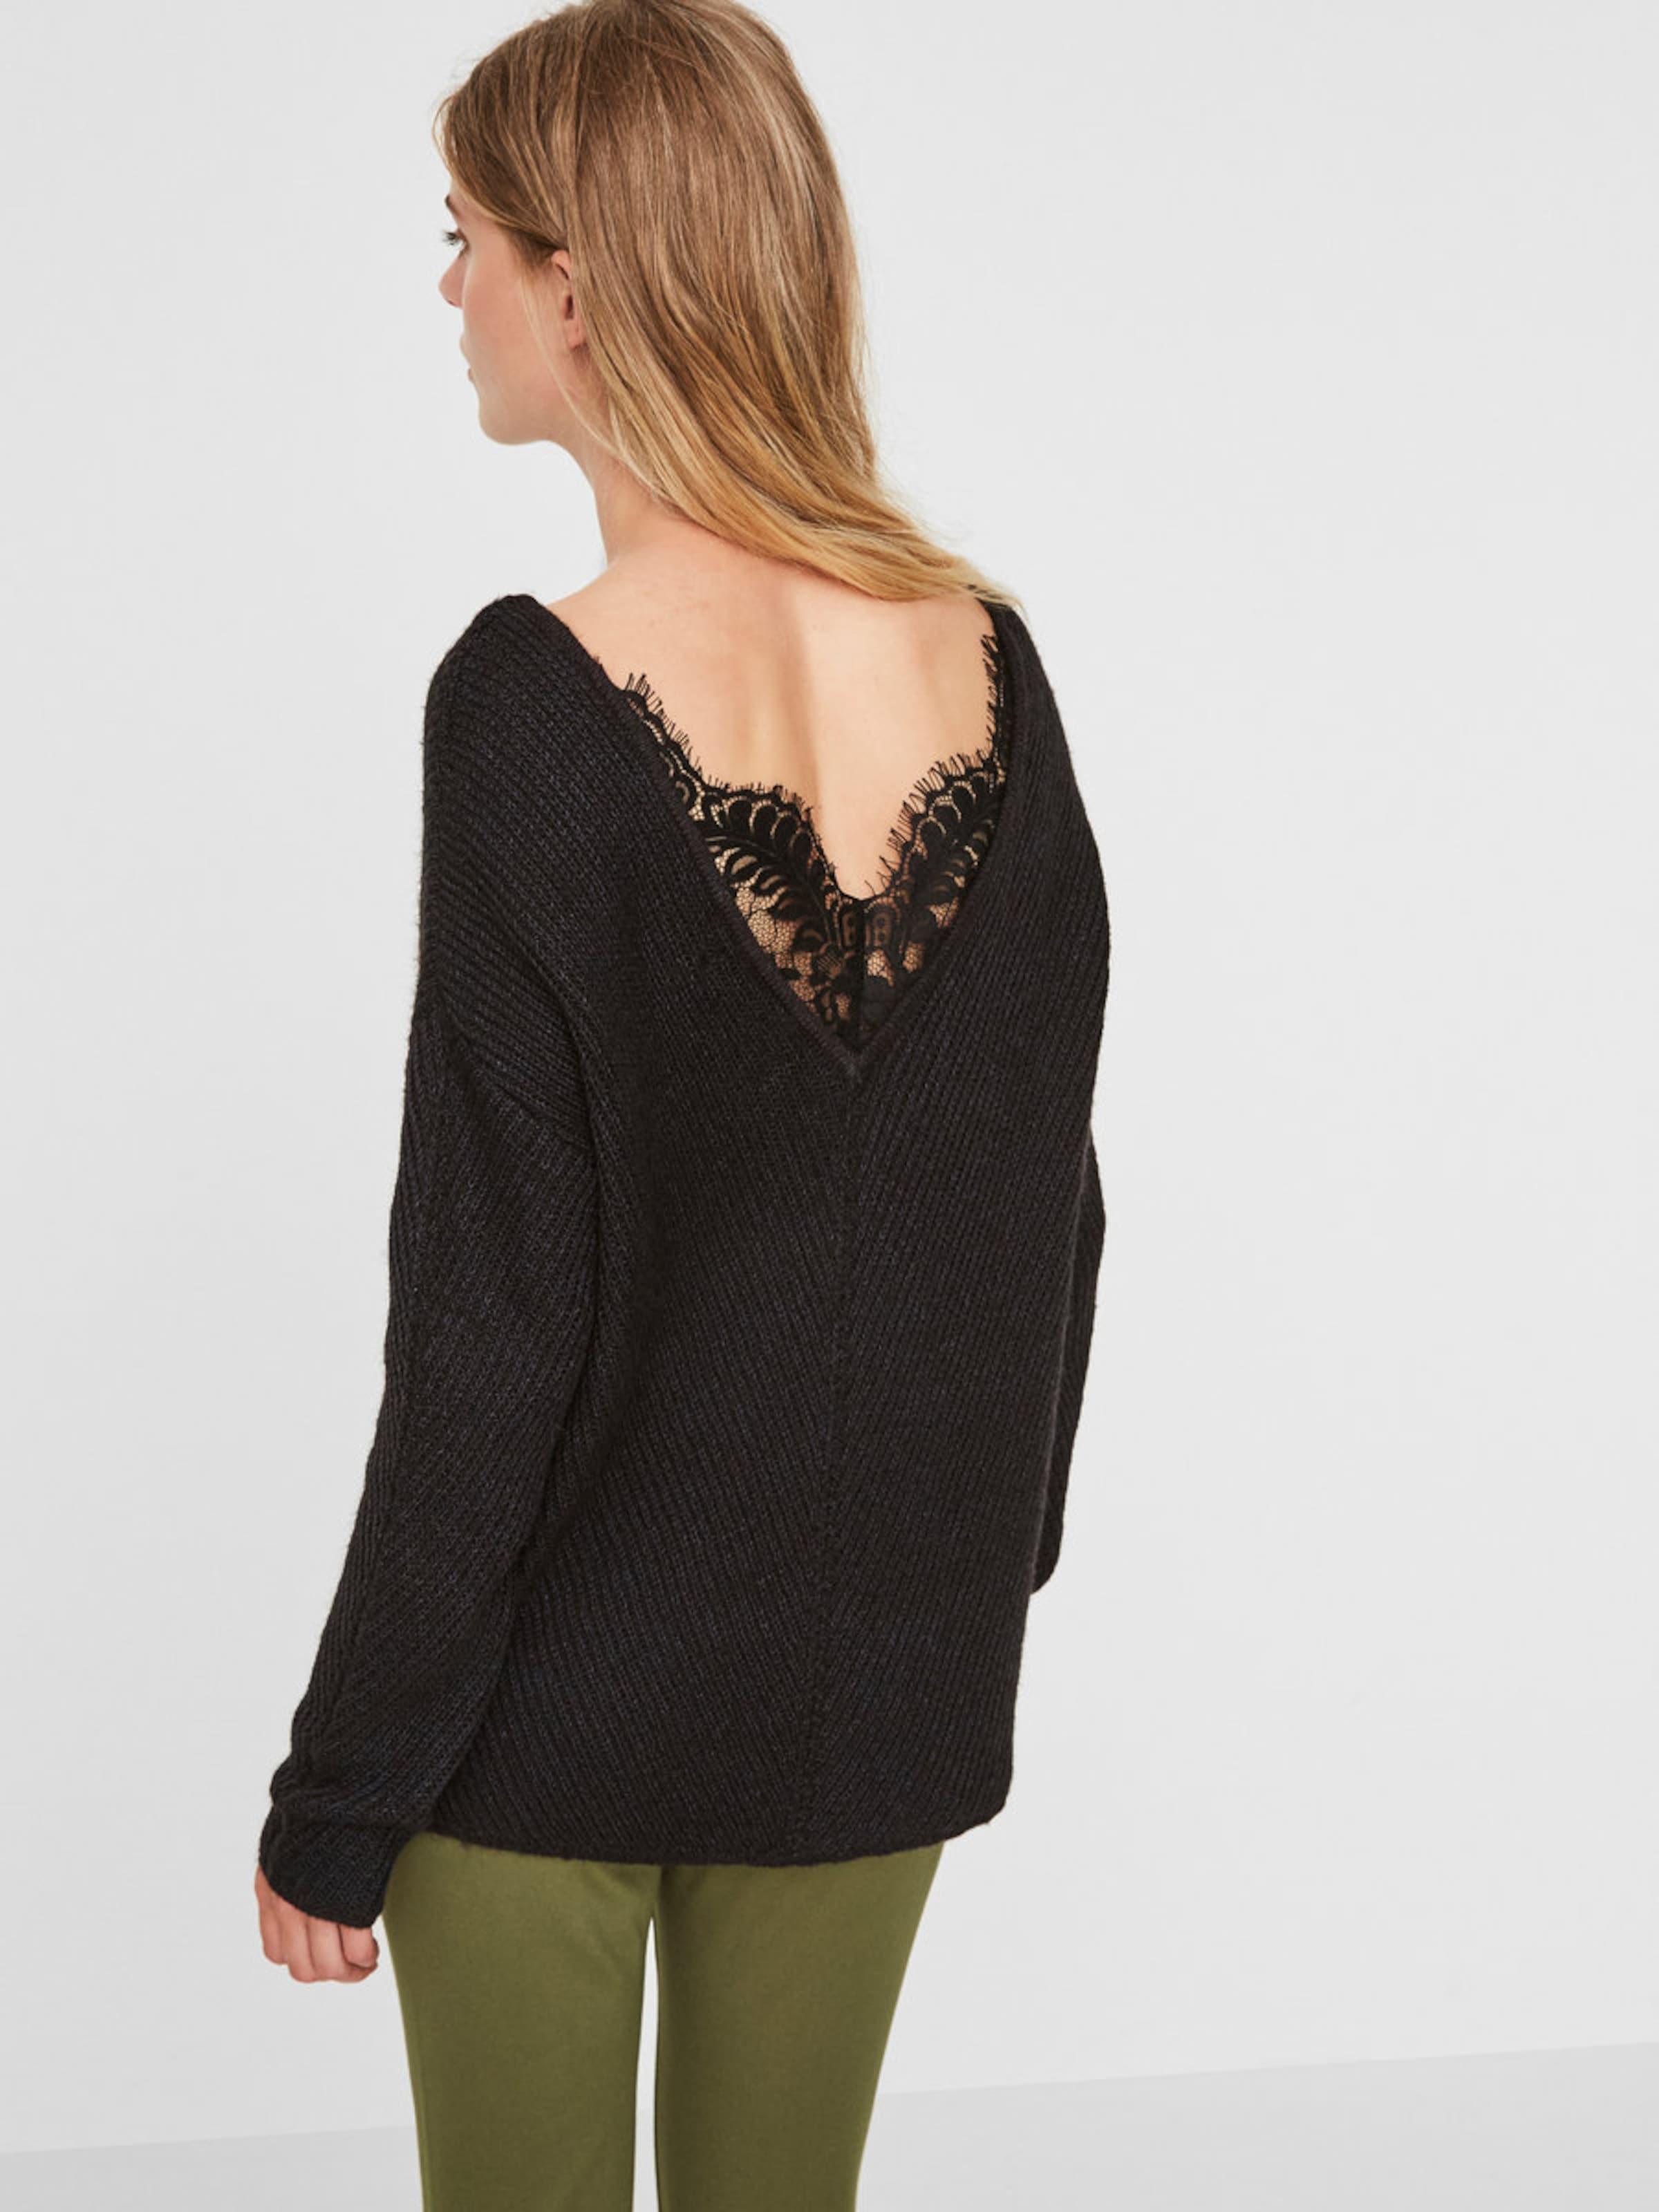 VERO MODA Spitzen-Pullover 100% Authentisch Zu Verkaufen Günstiger Preis Auslass Verkauf GnhN89KF